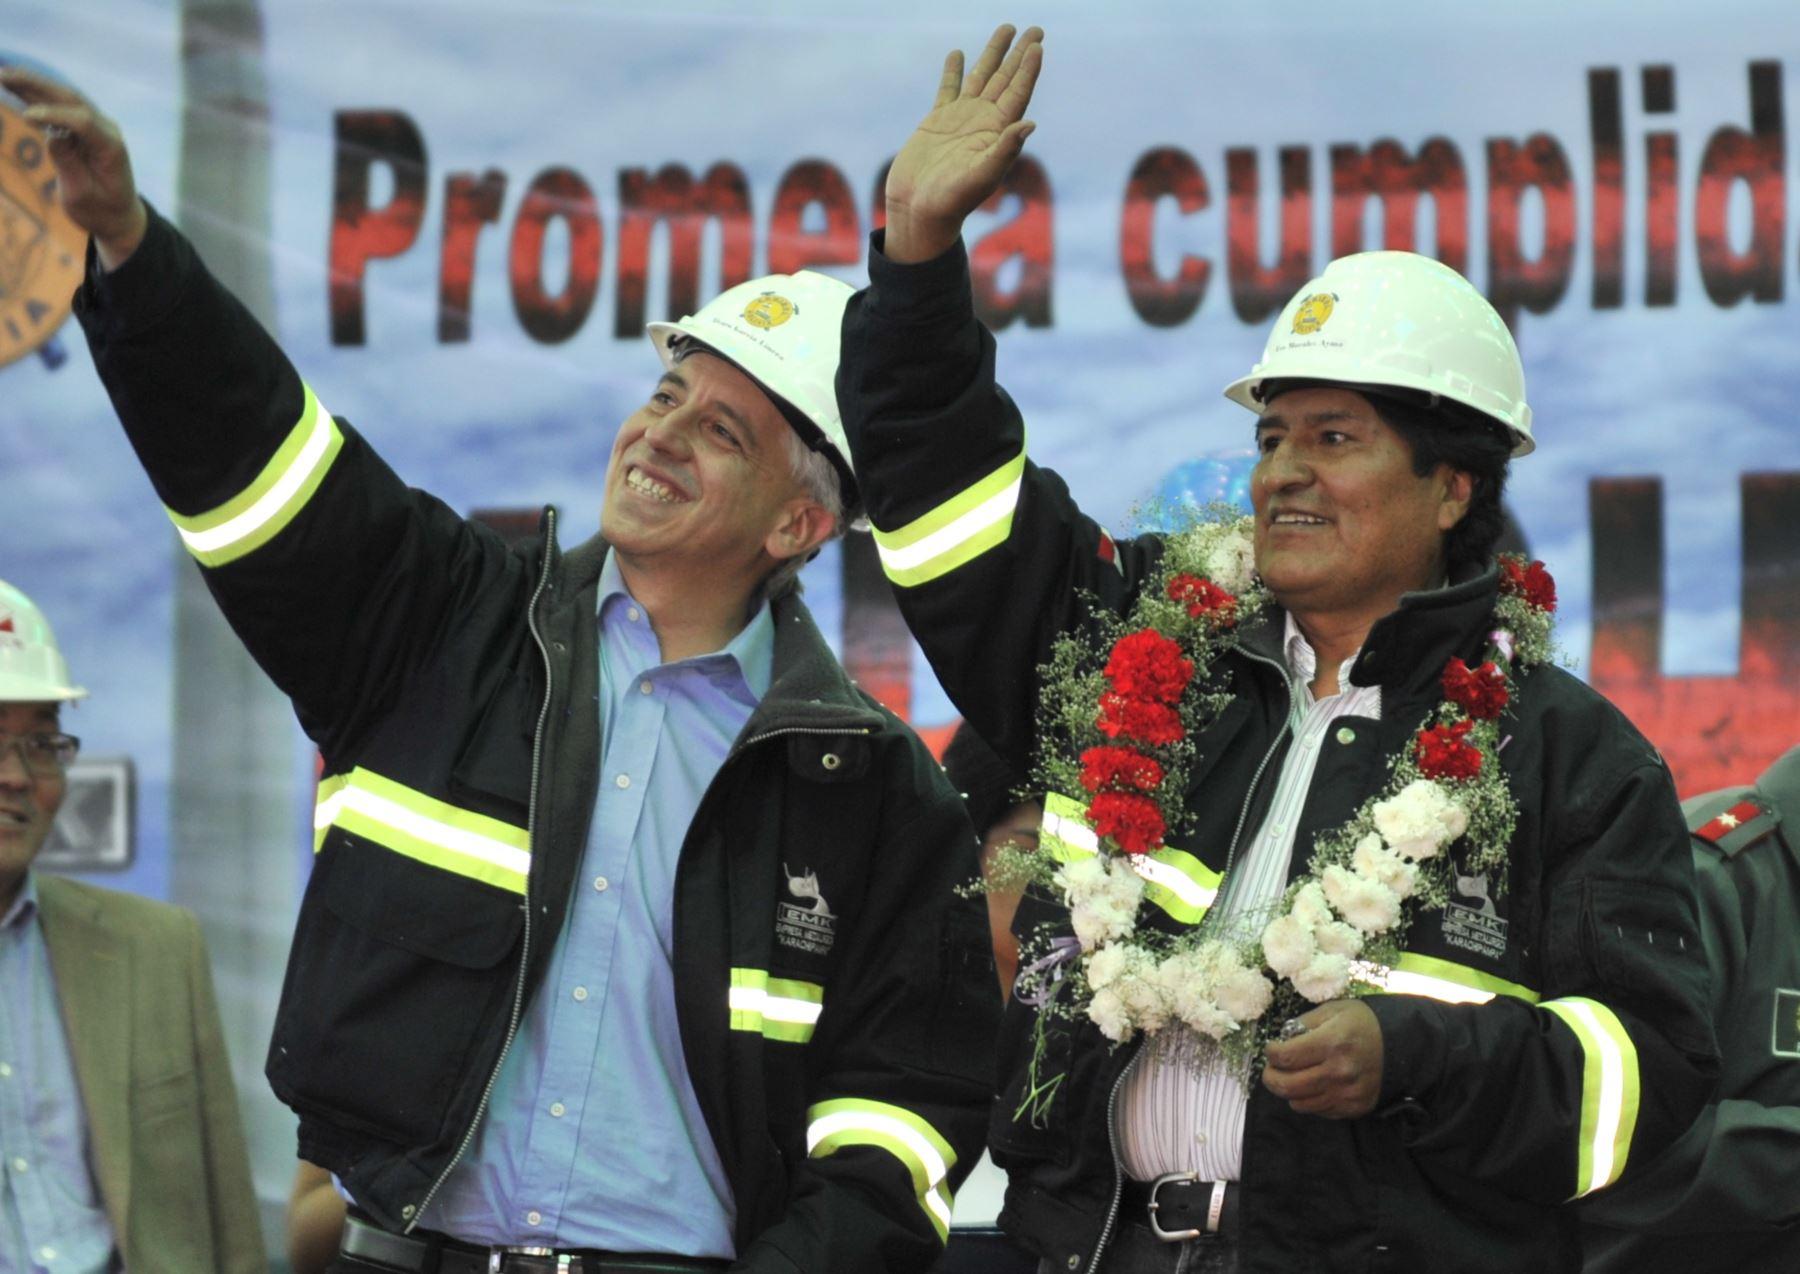 El presidente de Bolivia, Evo Morales (R) y el vicepresidente Álvaro García Linera, saludan durante la inauguración oficial de la planta de fundición de plomo y plata Karachipampa en Potosí, Bolivia, el 10 de septiembre de 2014.  Foto:AFP